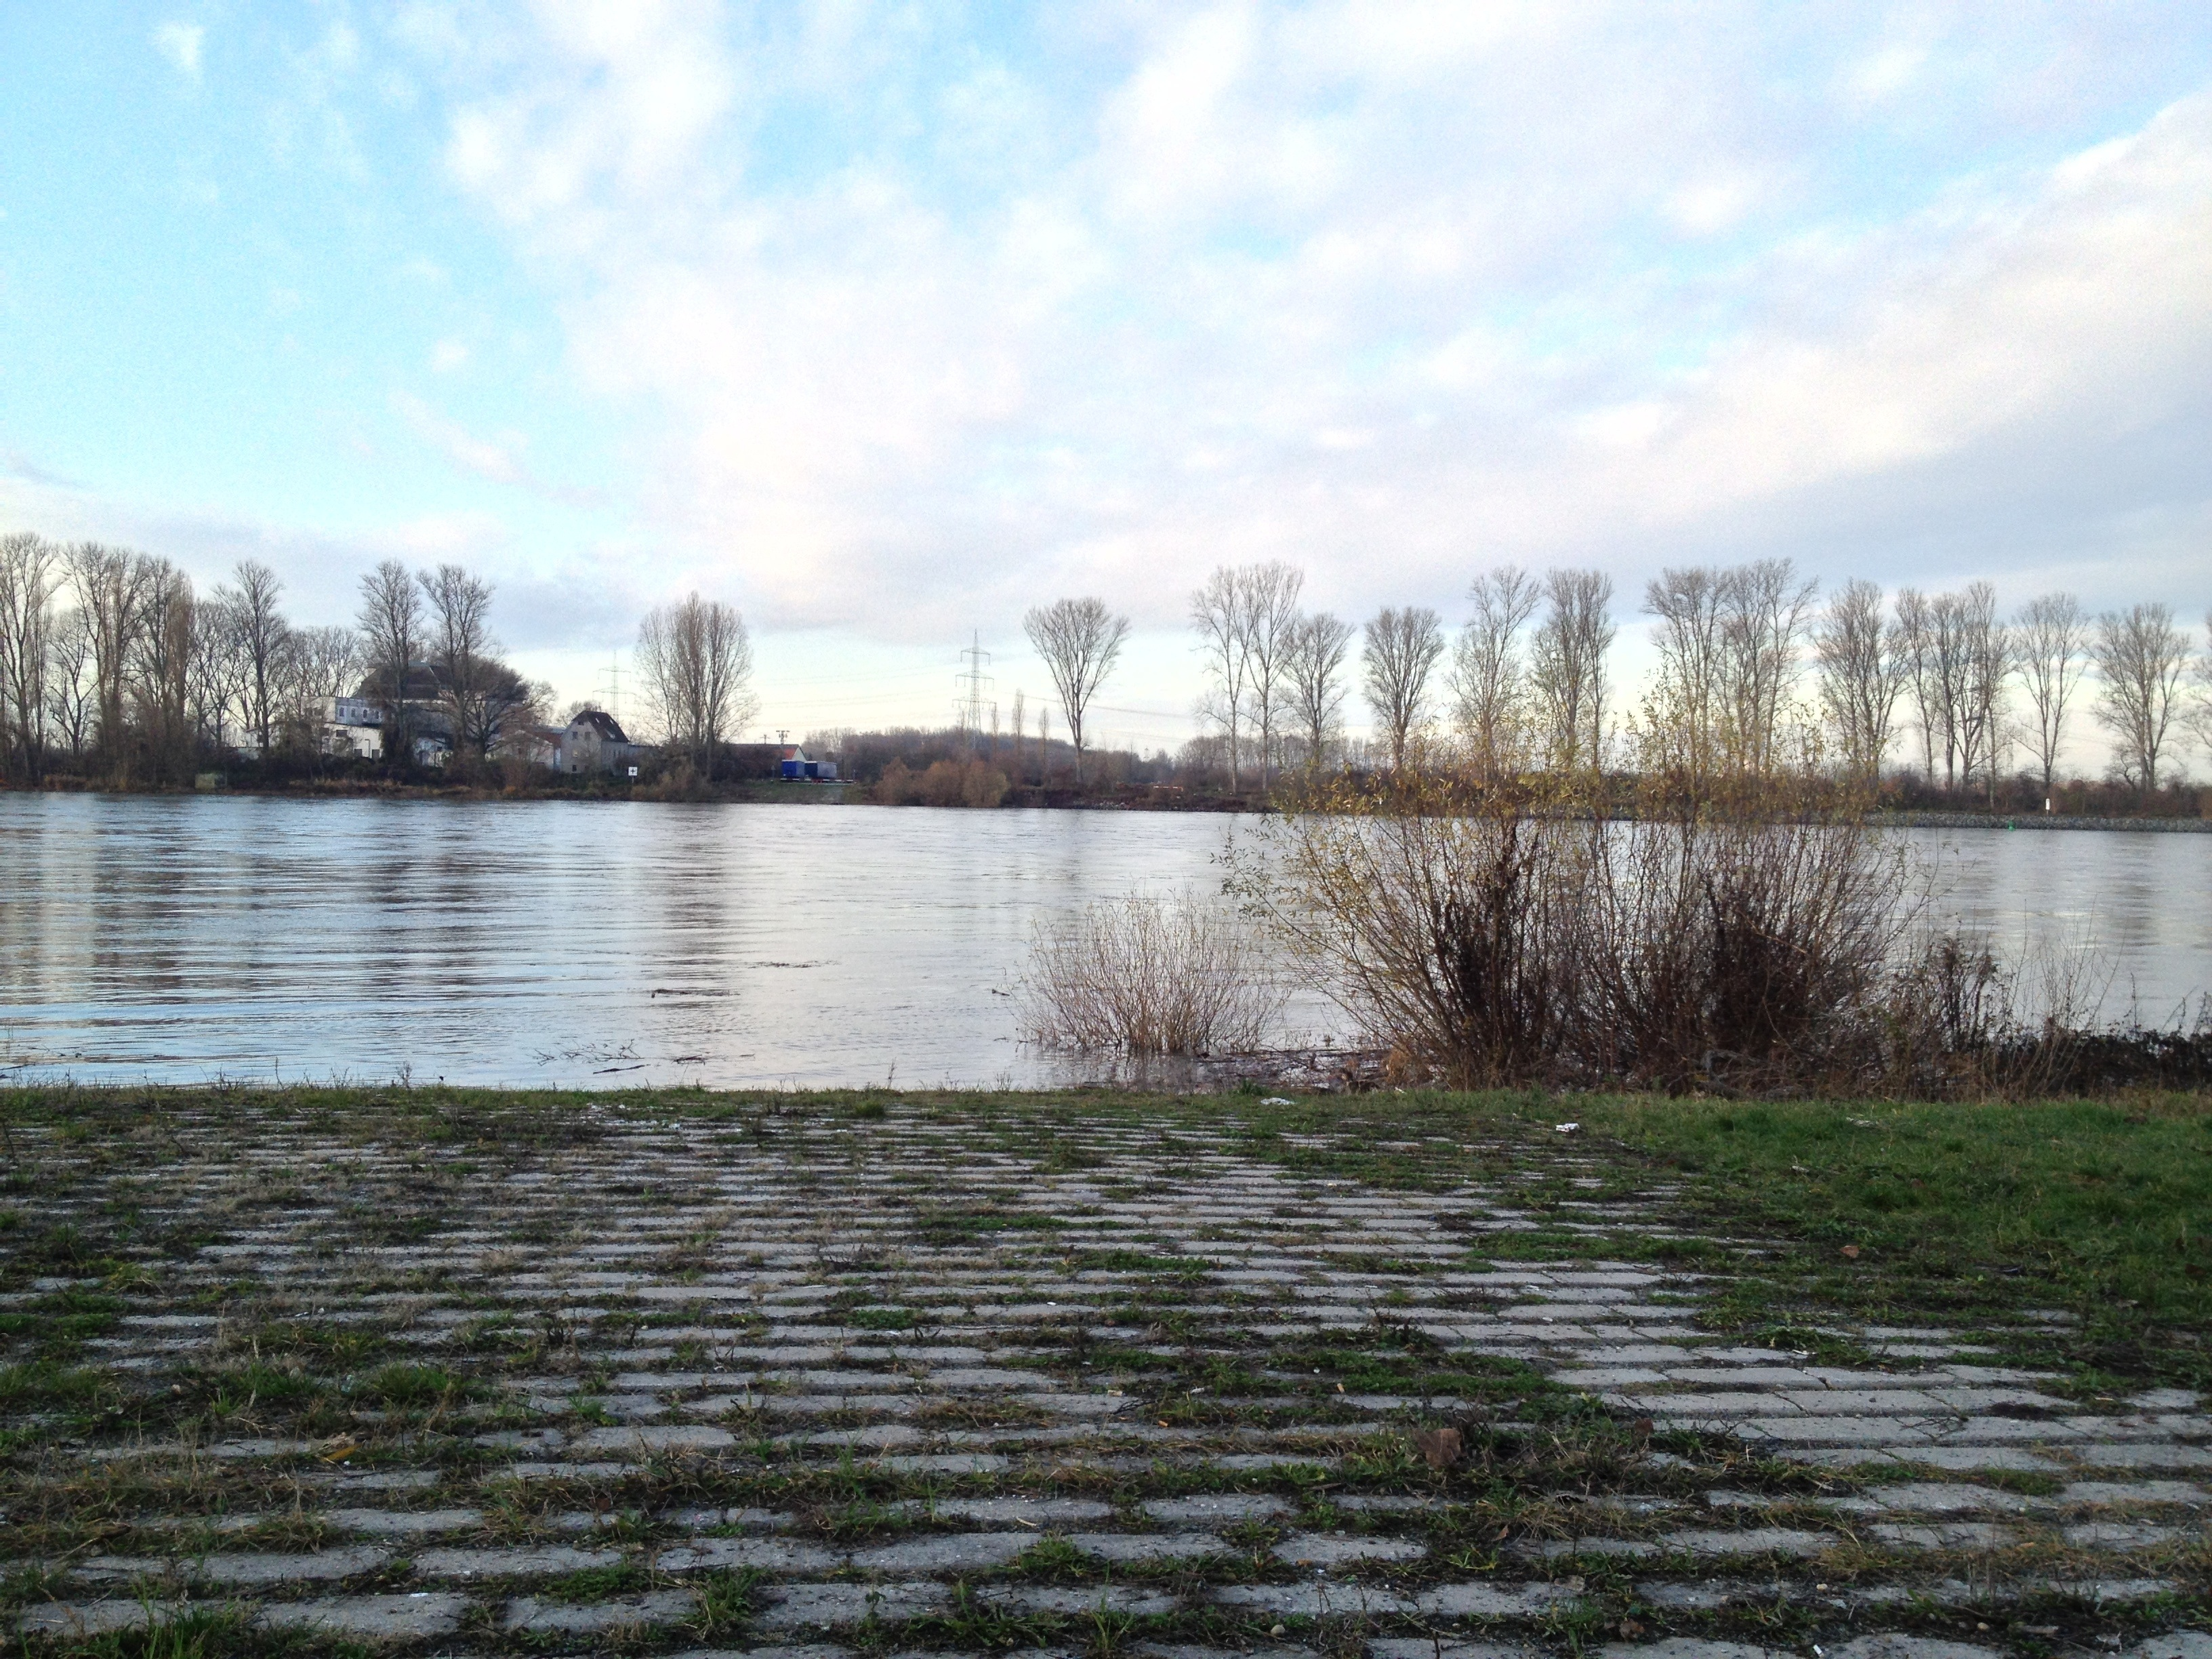 Rhein von der Natostraße in Lampertheim aus fotografiert